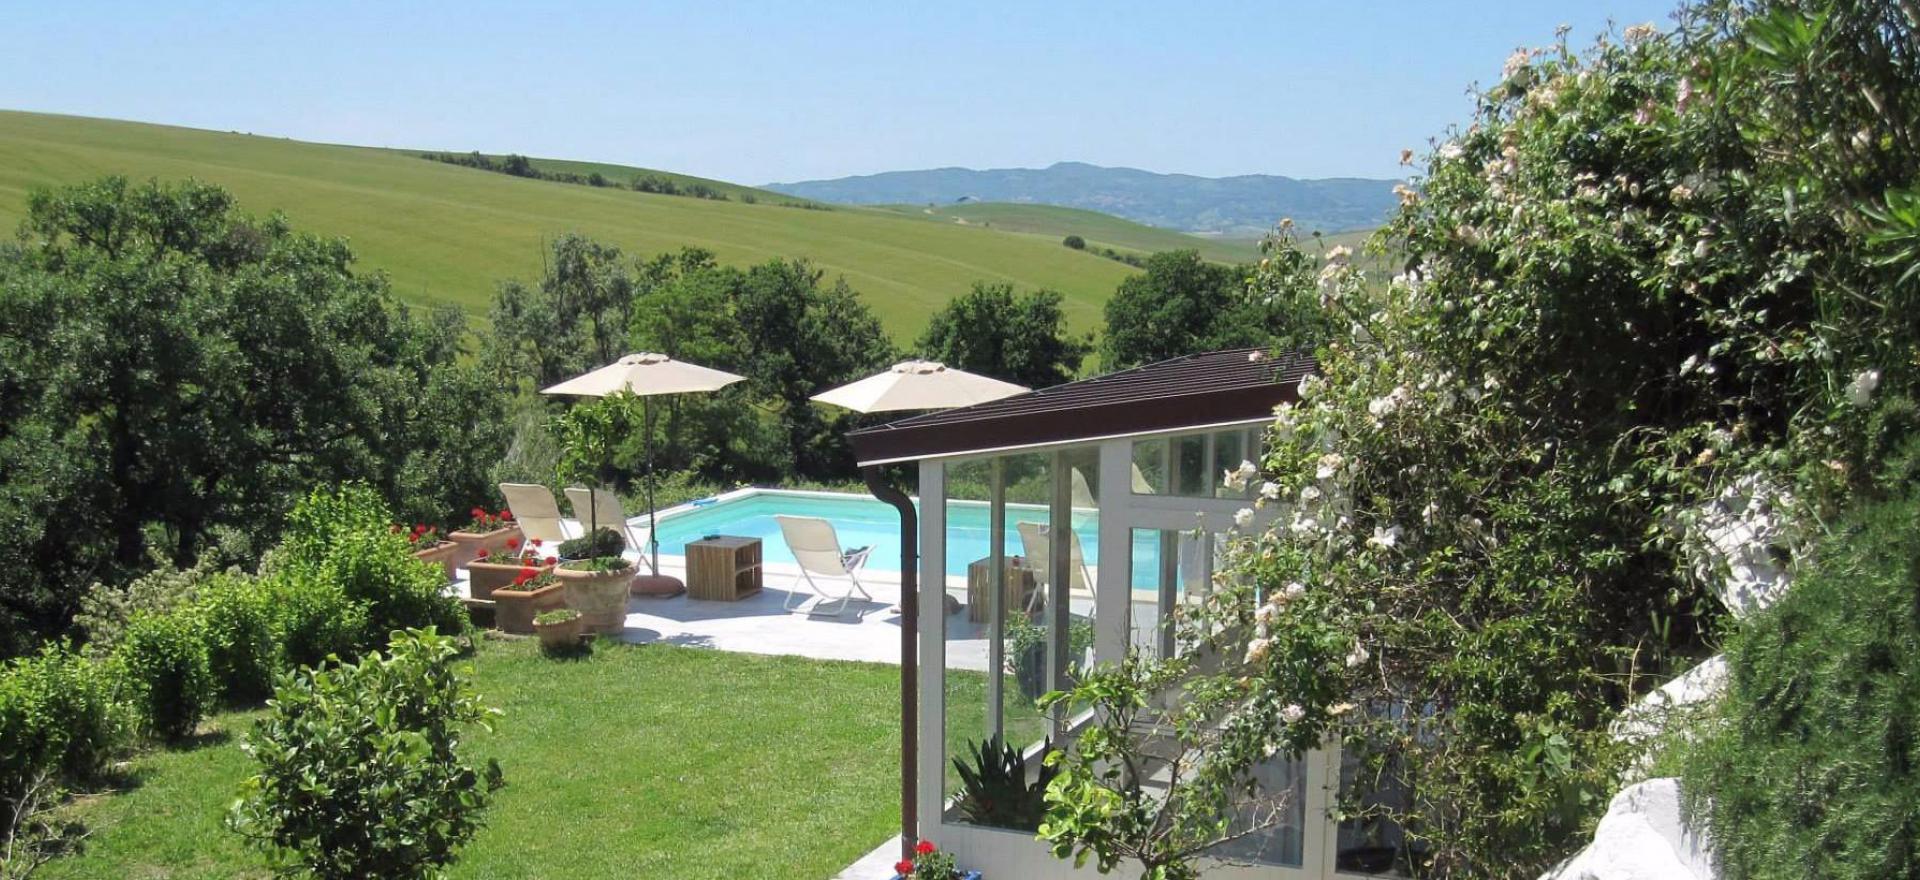 Kleine vakantie-boerderij in de Toscaanse heuvels